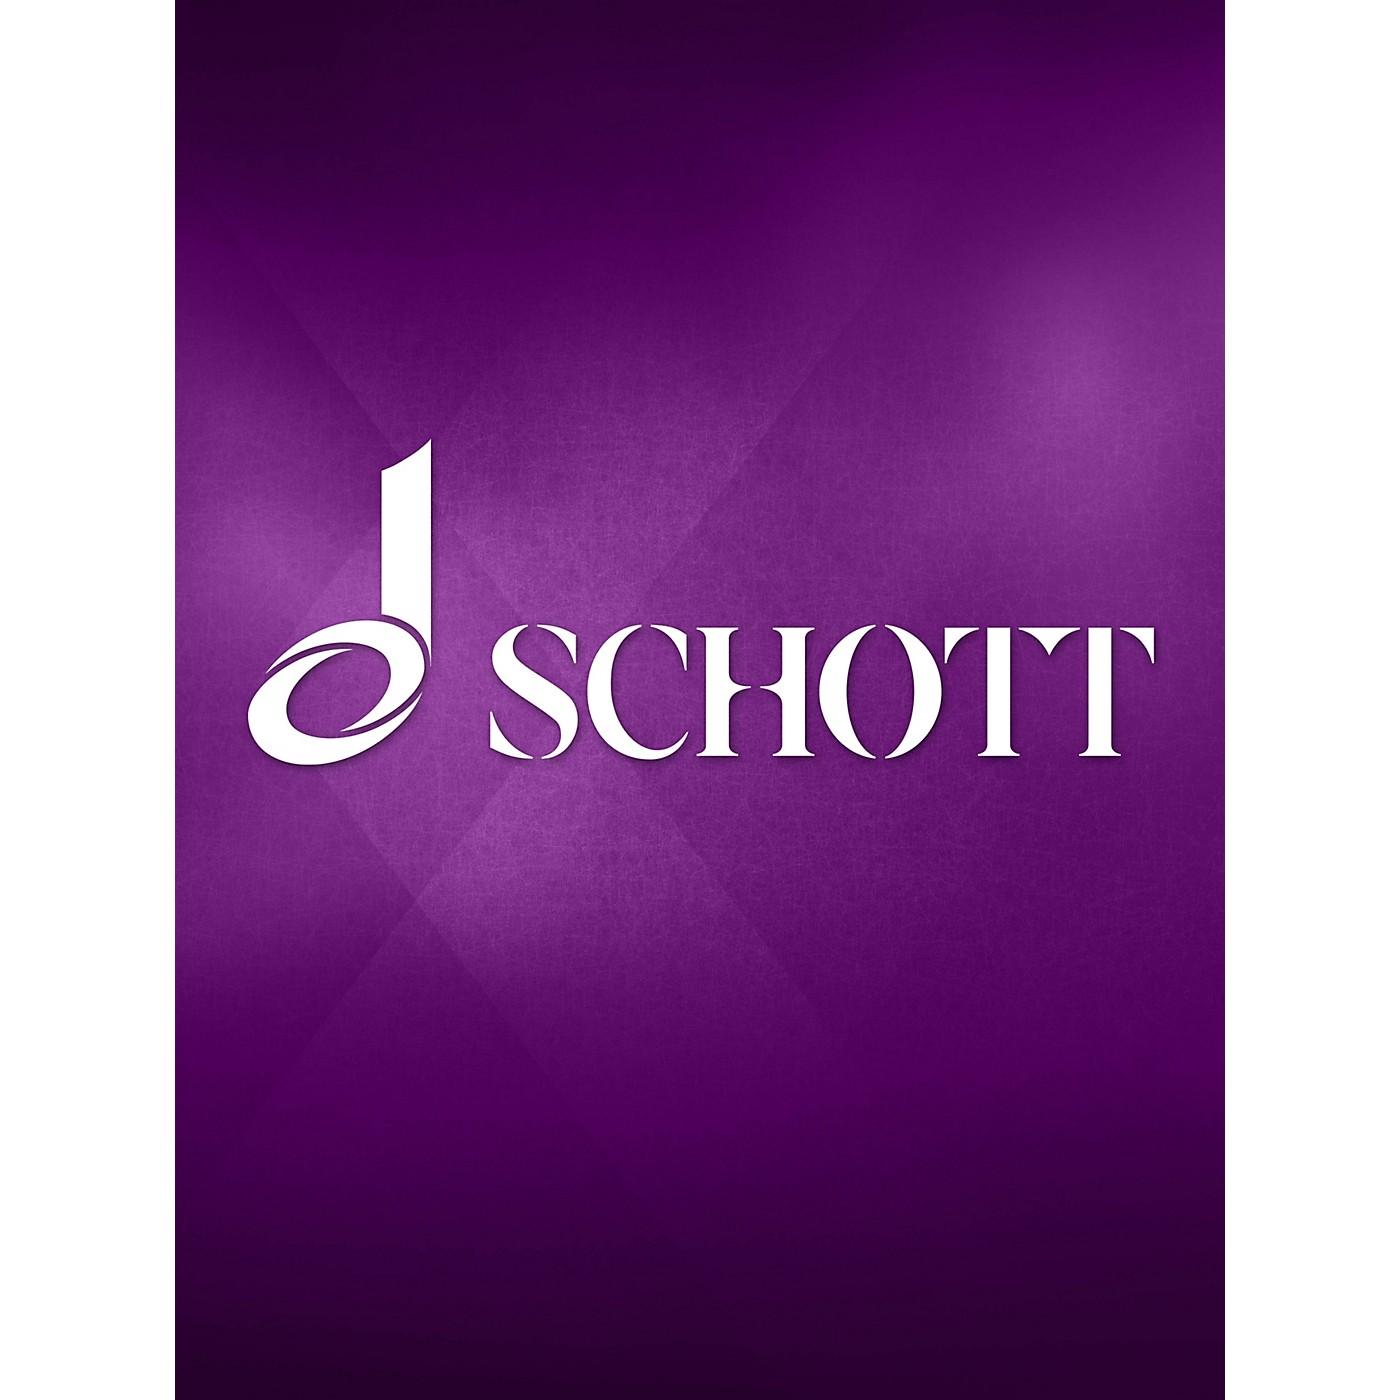 Schott Music Ländliche Musik (Score) Schott Series Composed by J.A.P. Schulz thumbnail